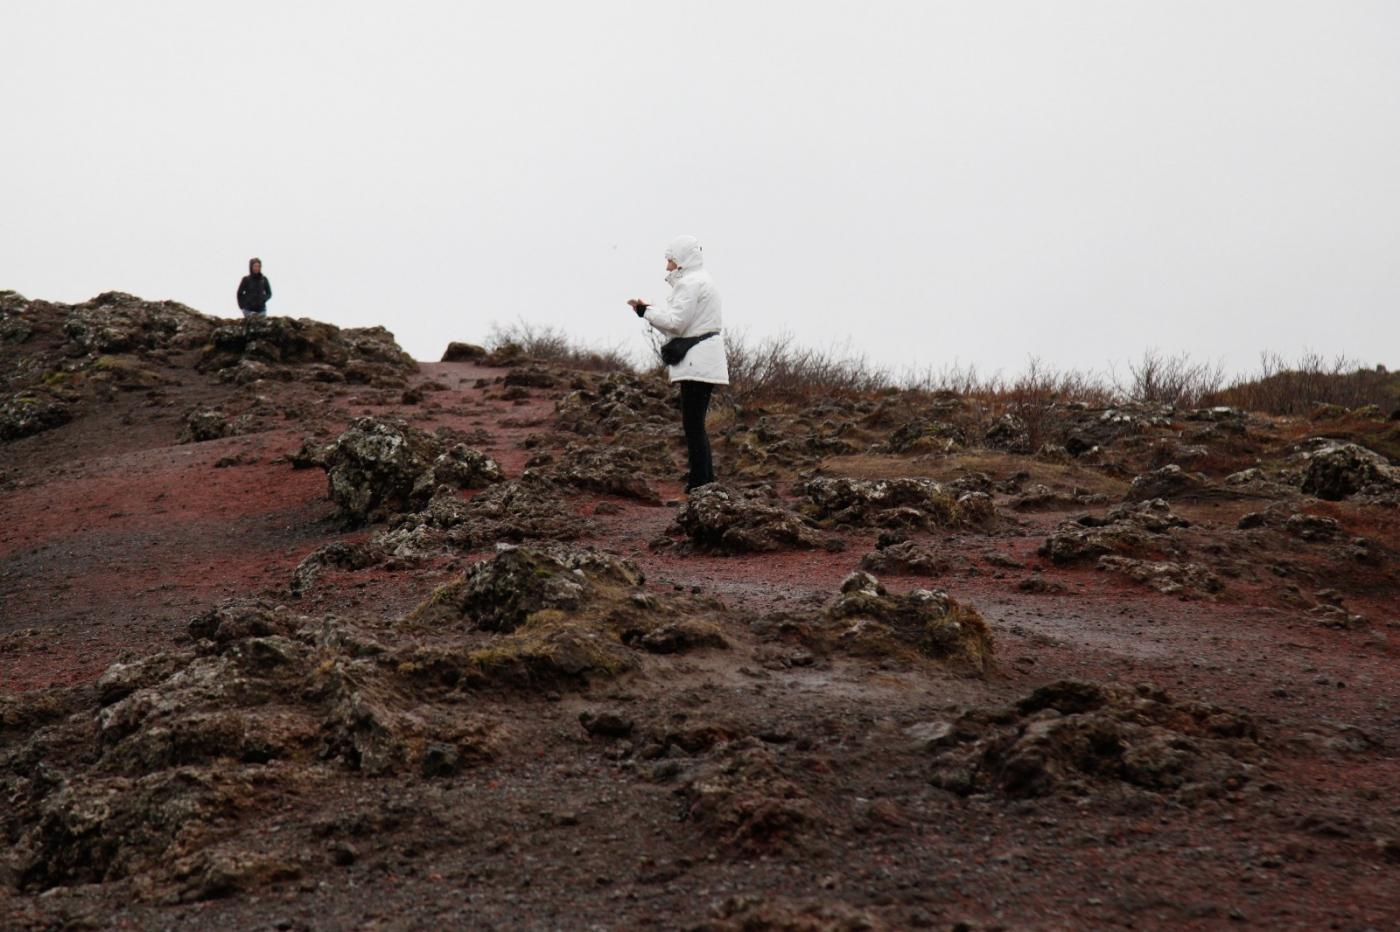 冰岛异国风情_图1-17